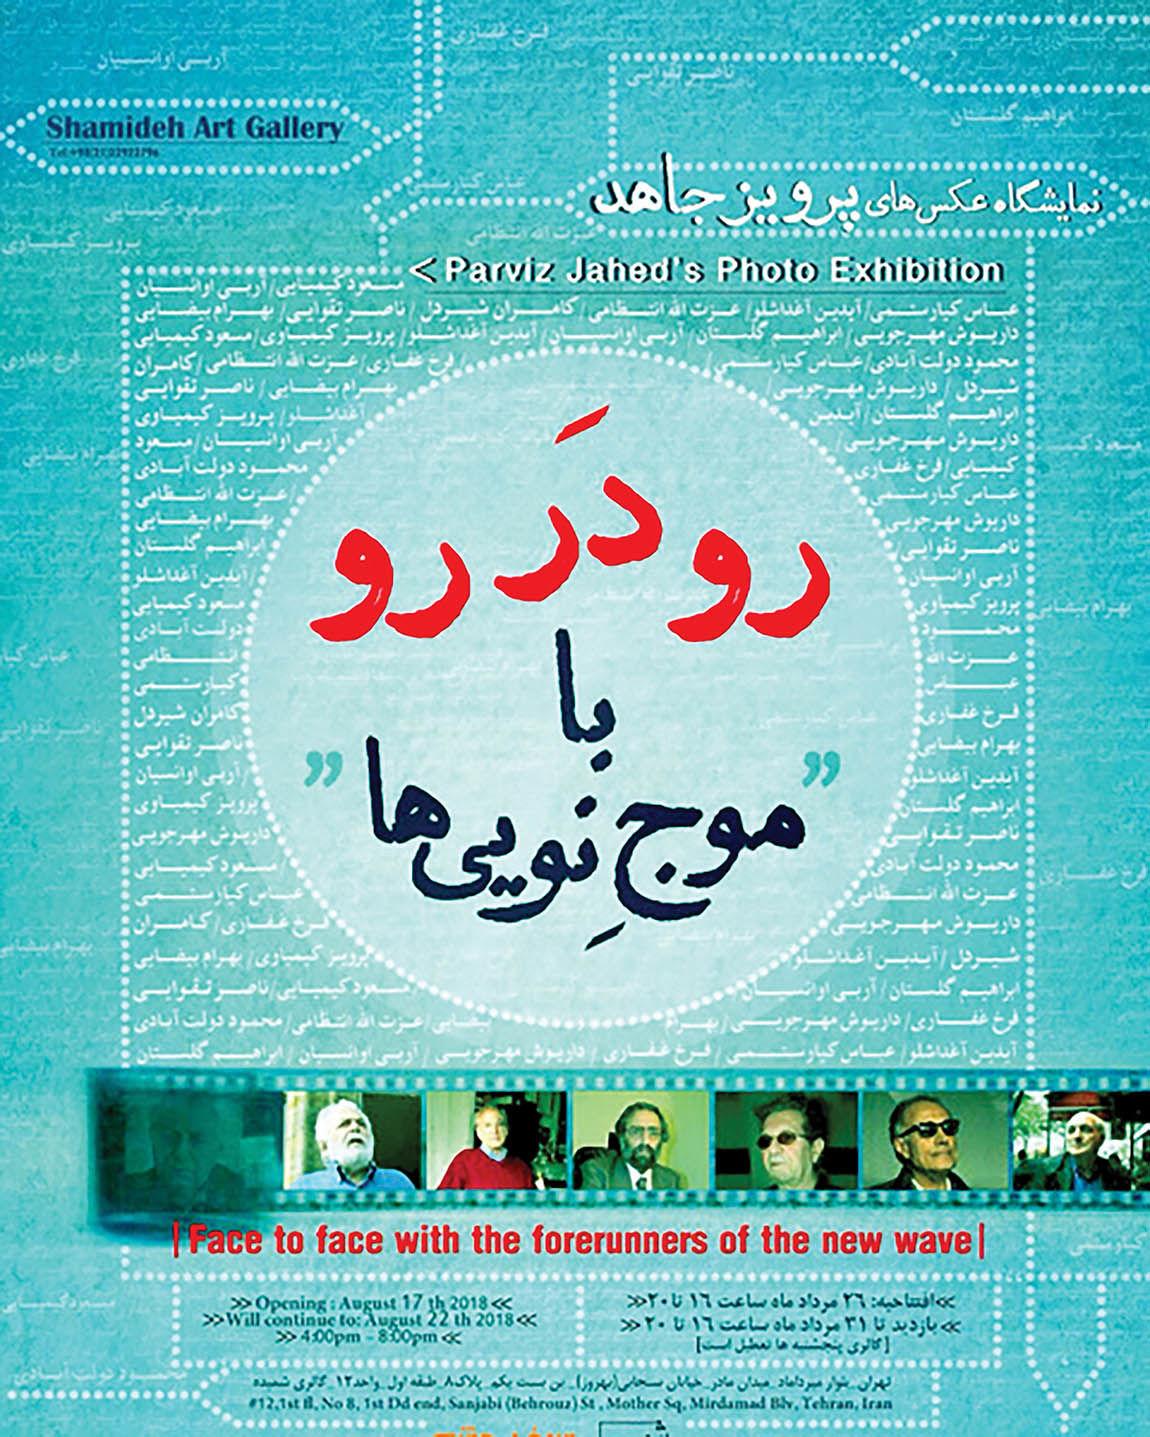 نمایش عکسهای پرویز جاهد از چهرههای موج نوی سینما